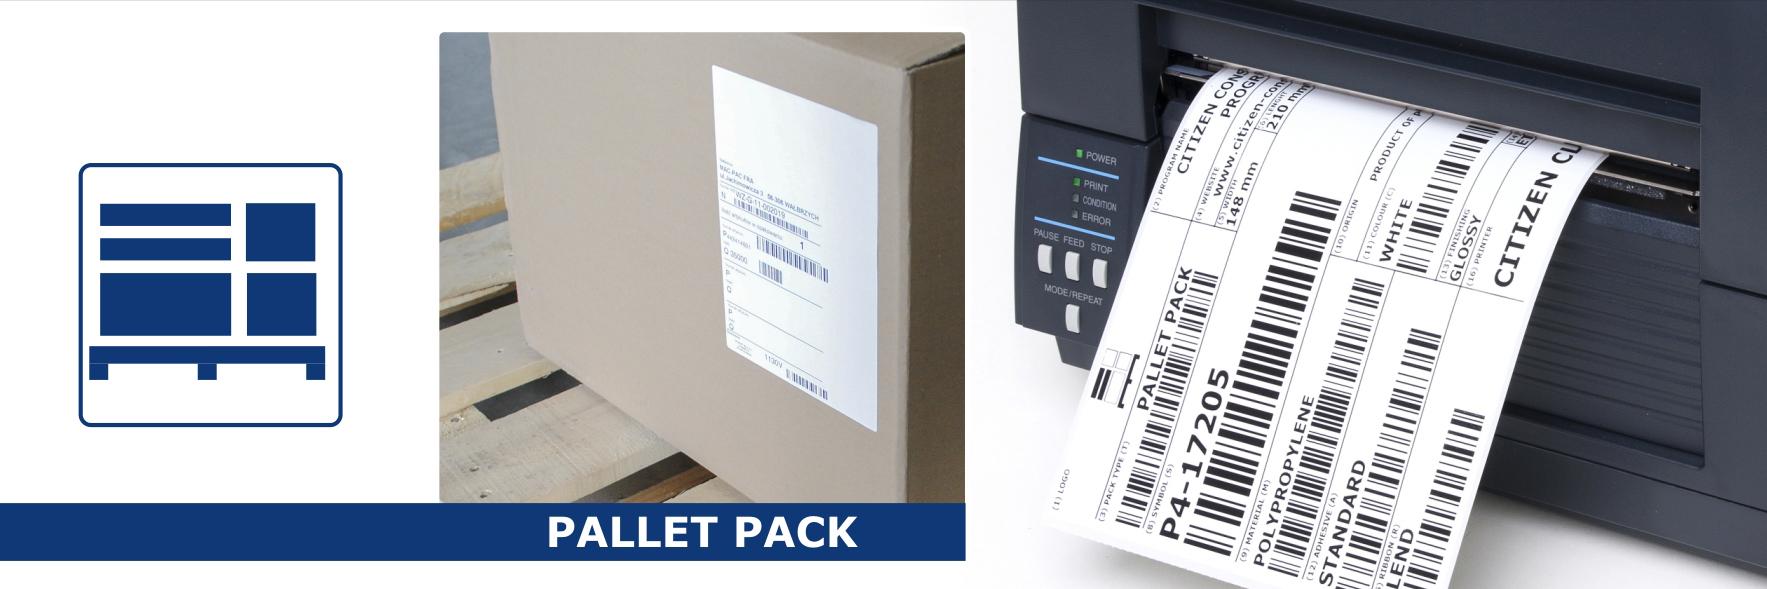 Pallet Pack – rozwiązanie dla branży logistycznej